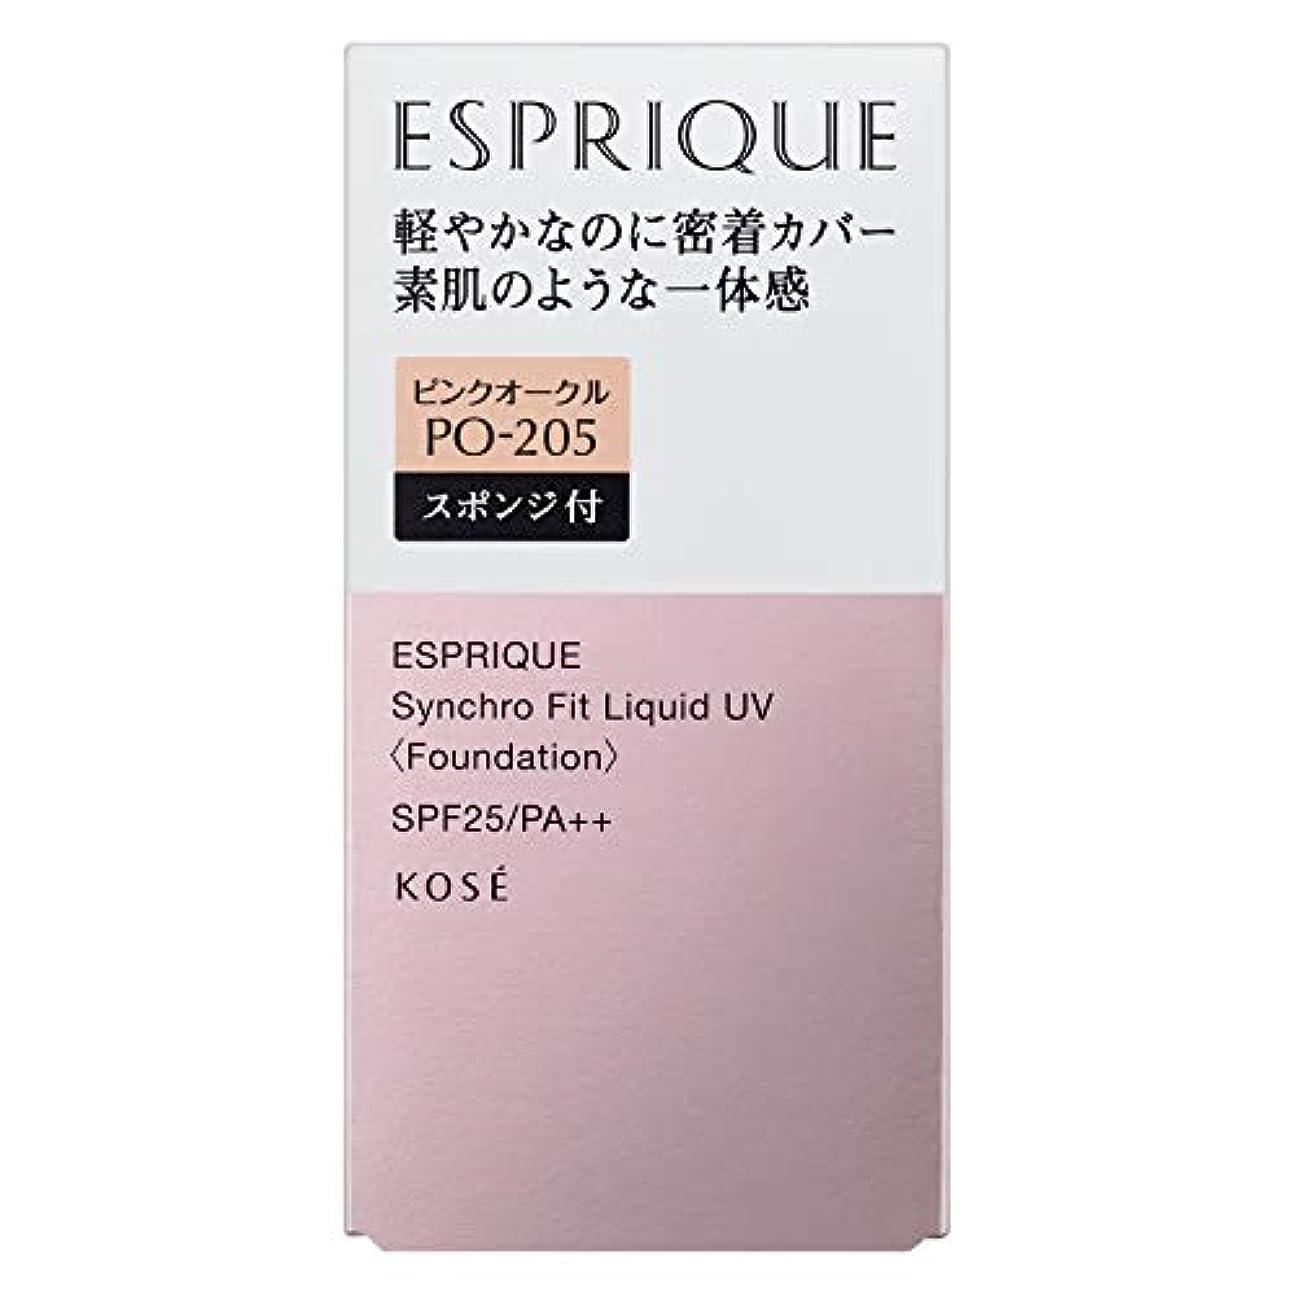 ドキュメンタリー処方レパートリーESPRIQUE(エスプリーク) エスプリーク シンクロフィット リキッド UV ファンデーション 無香料 PO-205 ピンクオークル 30g